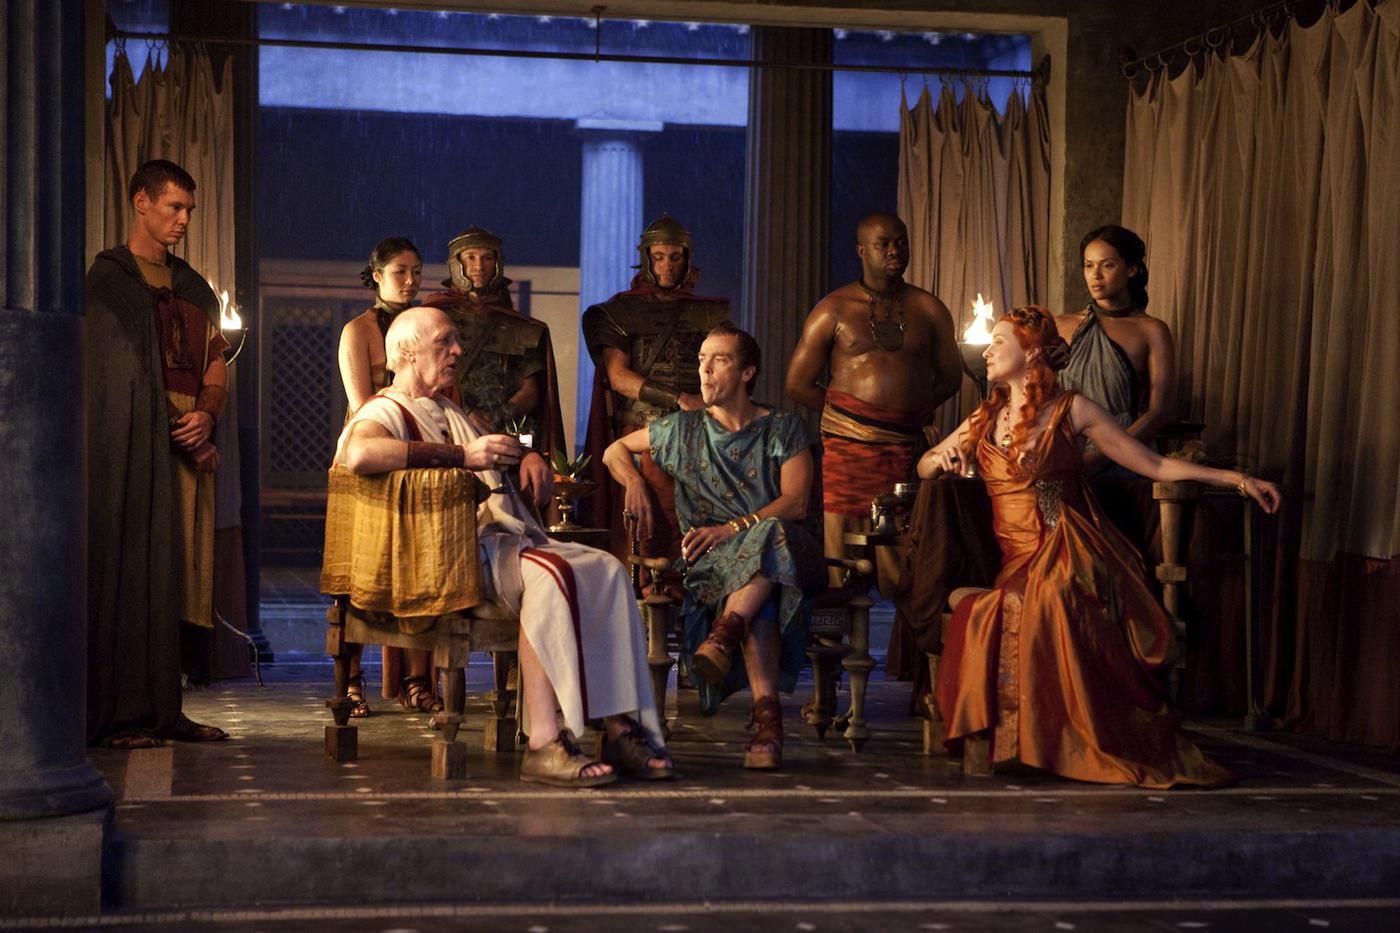 Spartacus batiatus starz